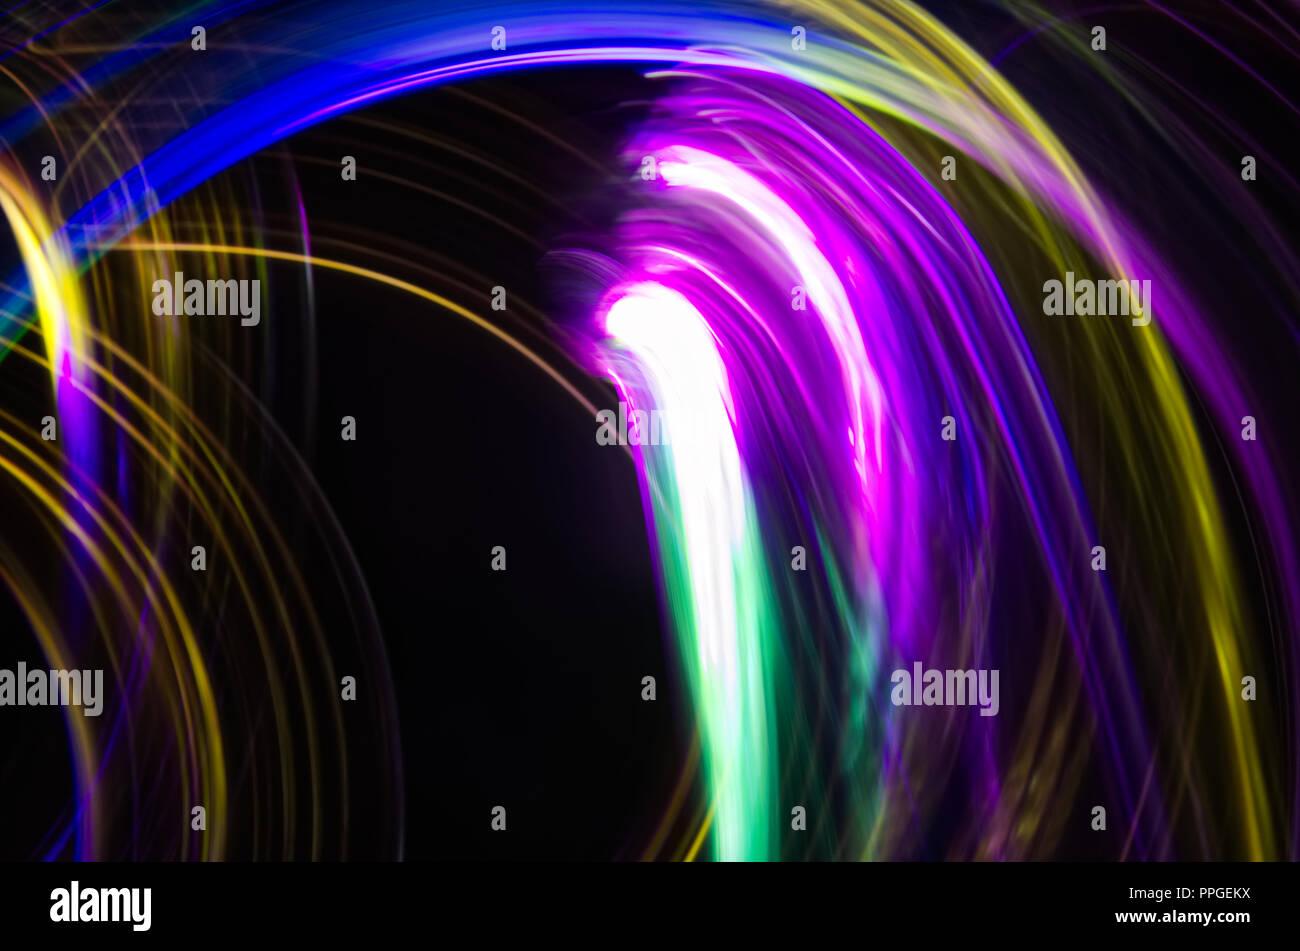 Resumen Antecedentes buena para un anuncio, bastante remolinos de luz, en colores brillantes. Efecto de neón. Imagen De Stock